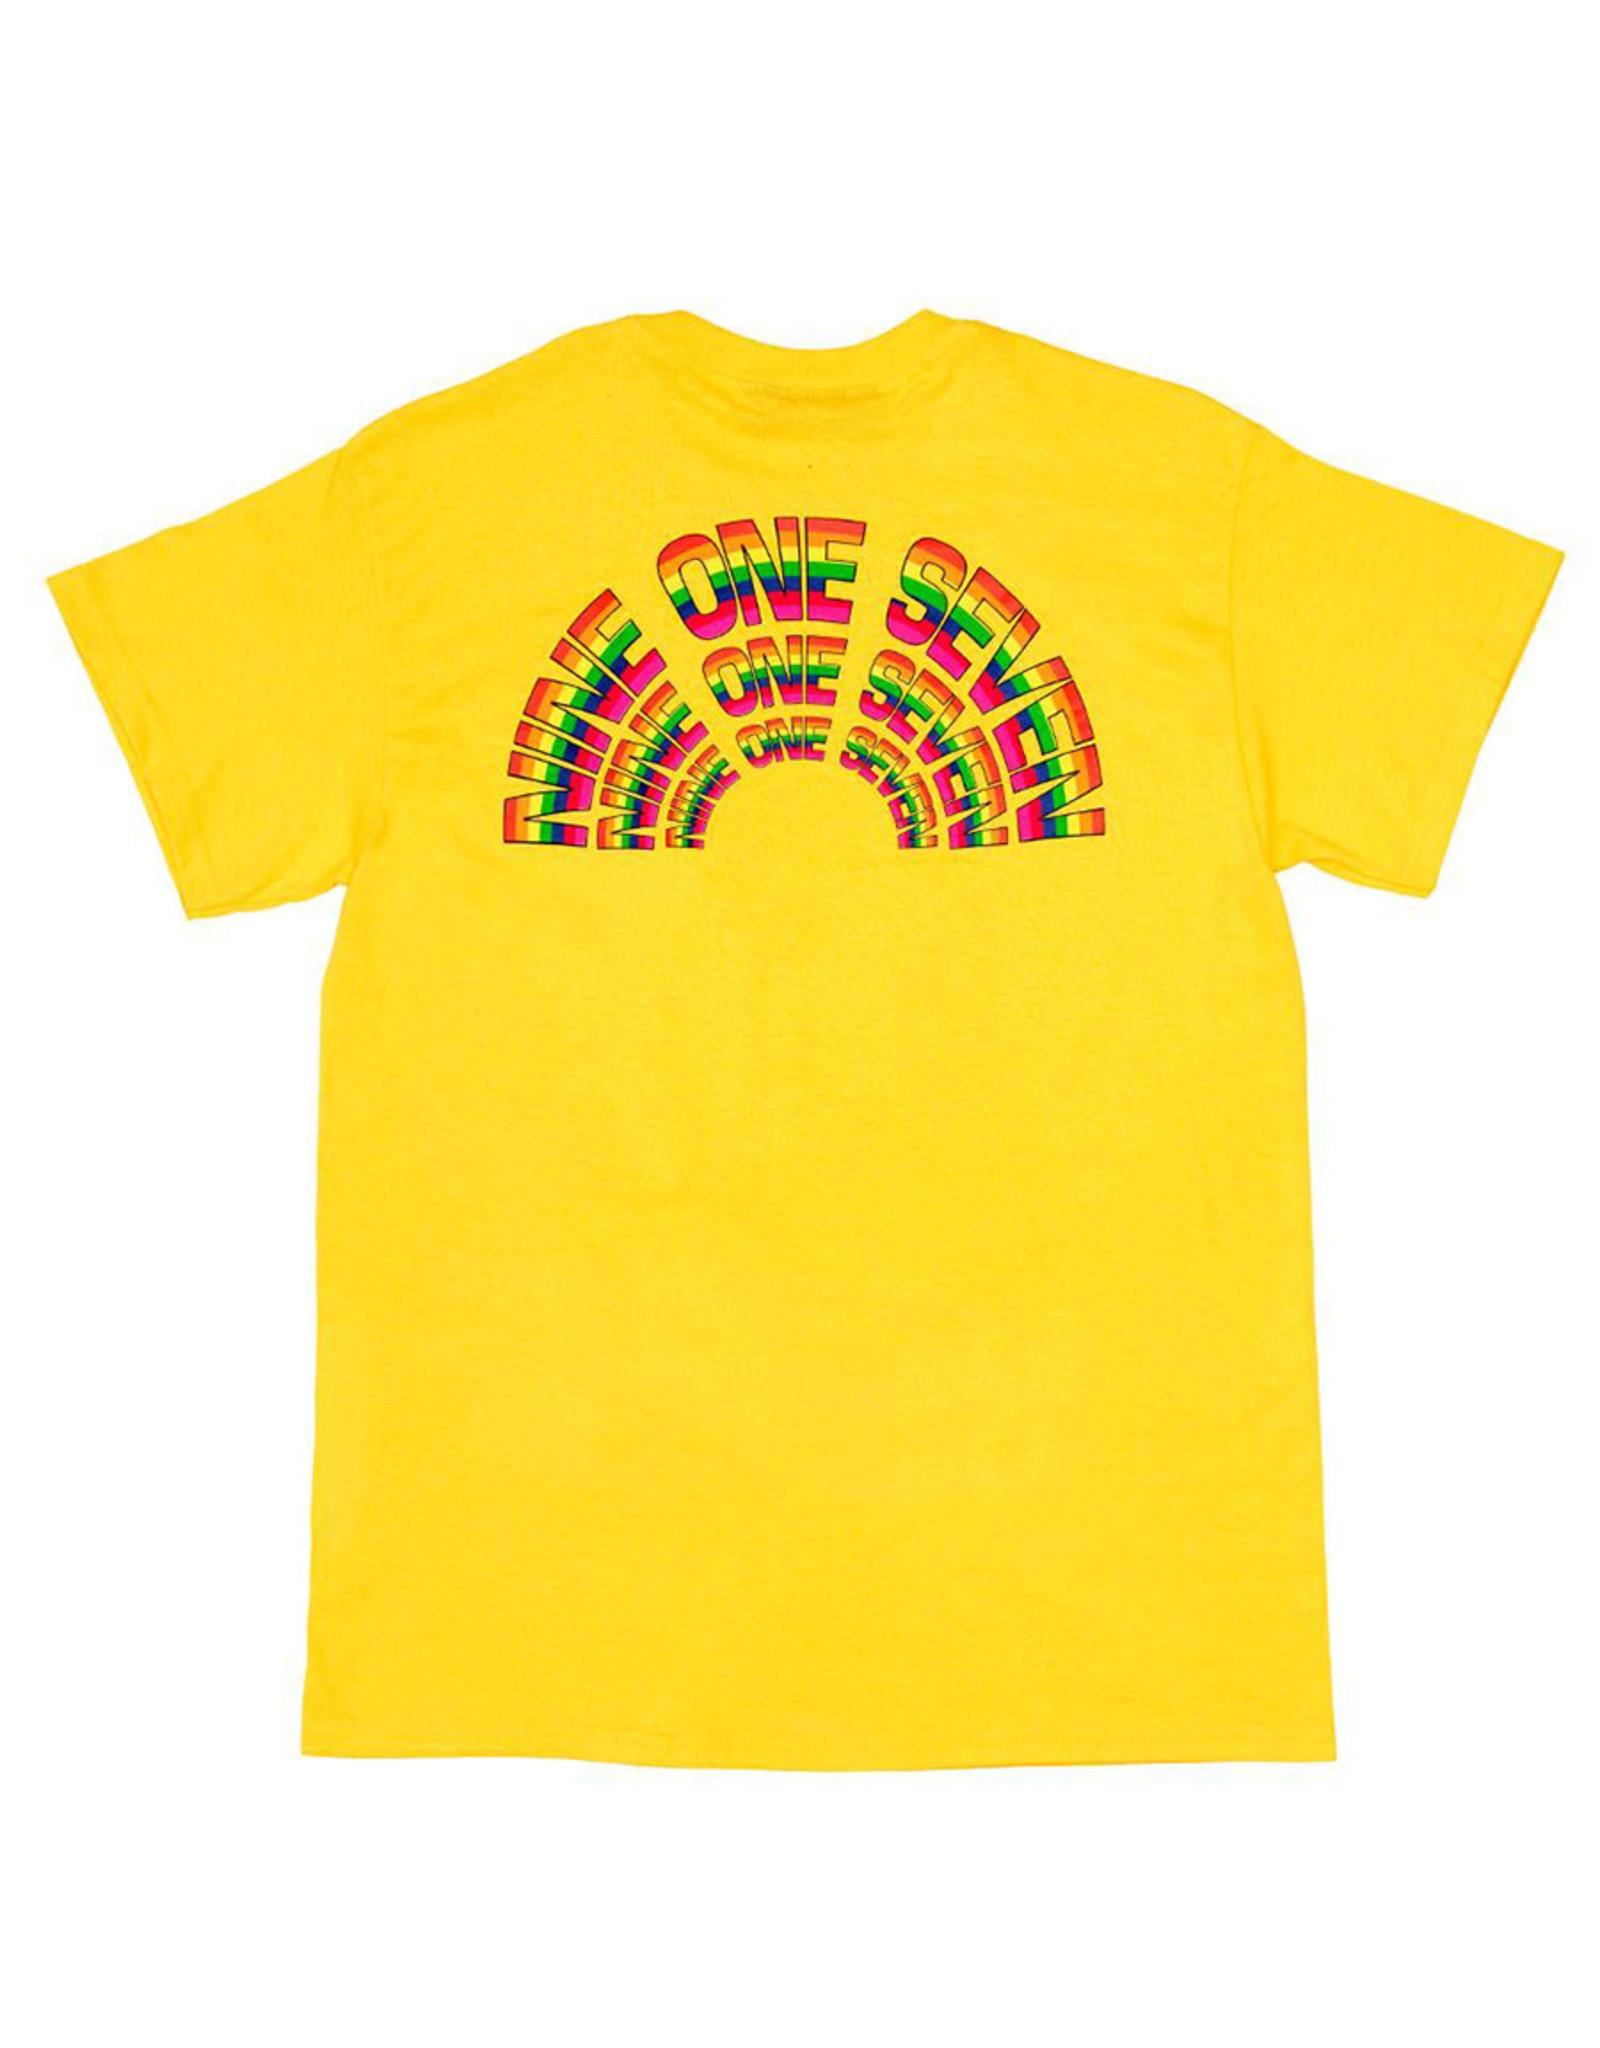 917 917 Tee Rainbow S/S (Yellow)